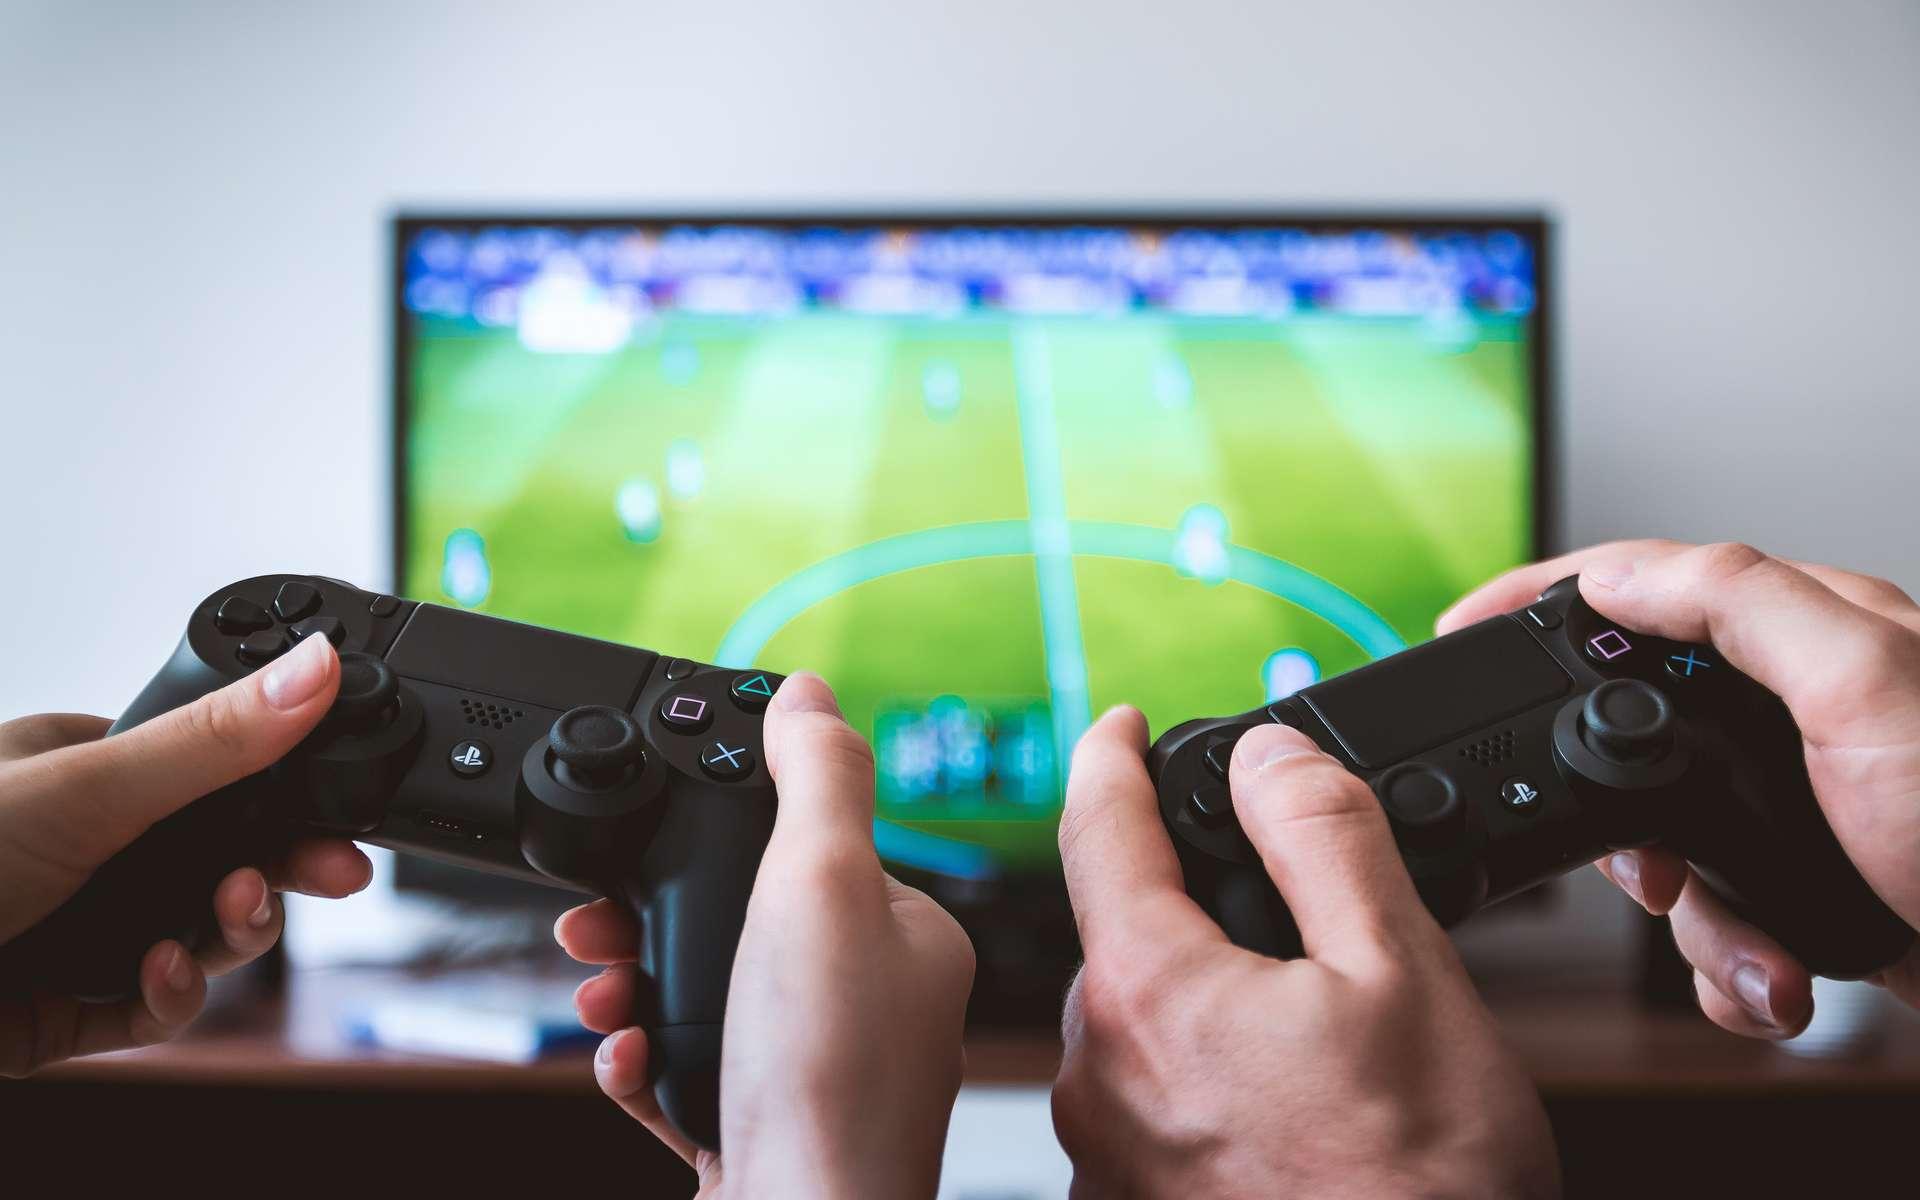 Les meilleures promotions sur les jeux-vidéo - Photo by JESHOOTS.COM on Unsplash